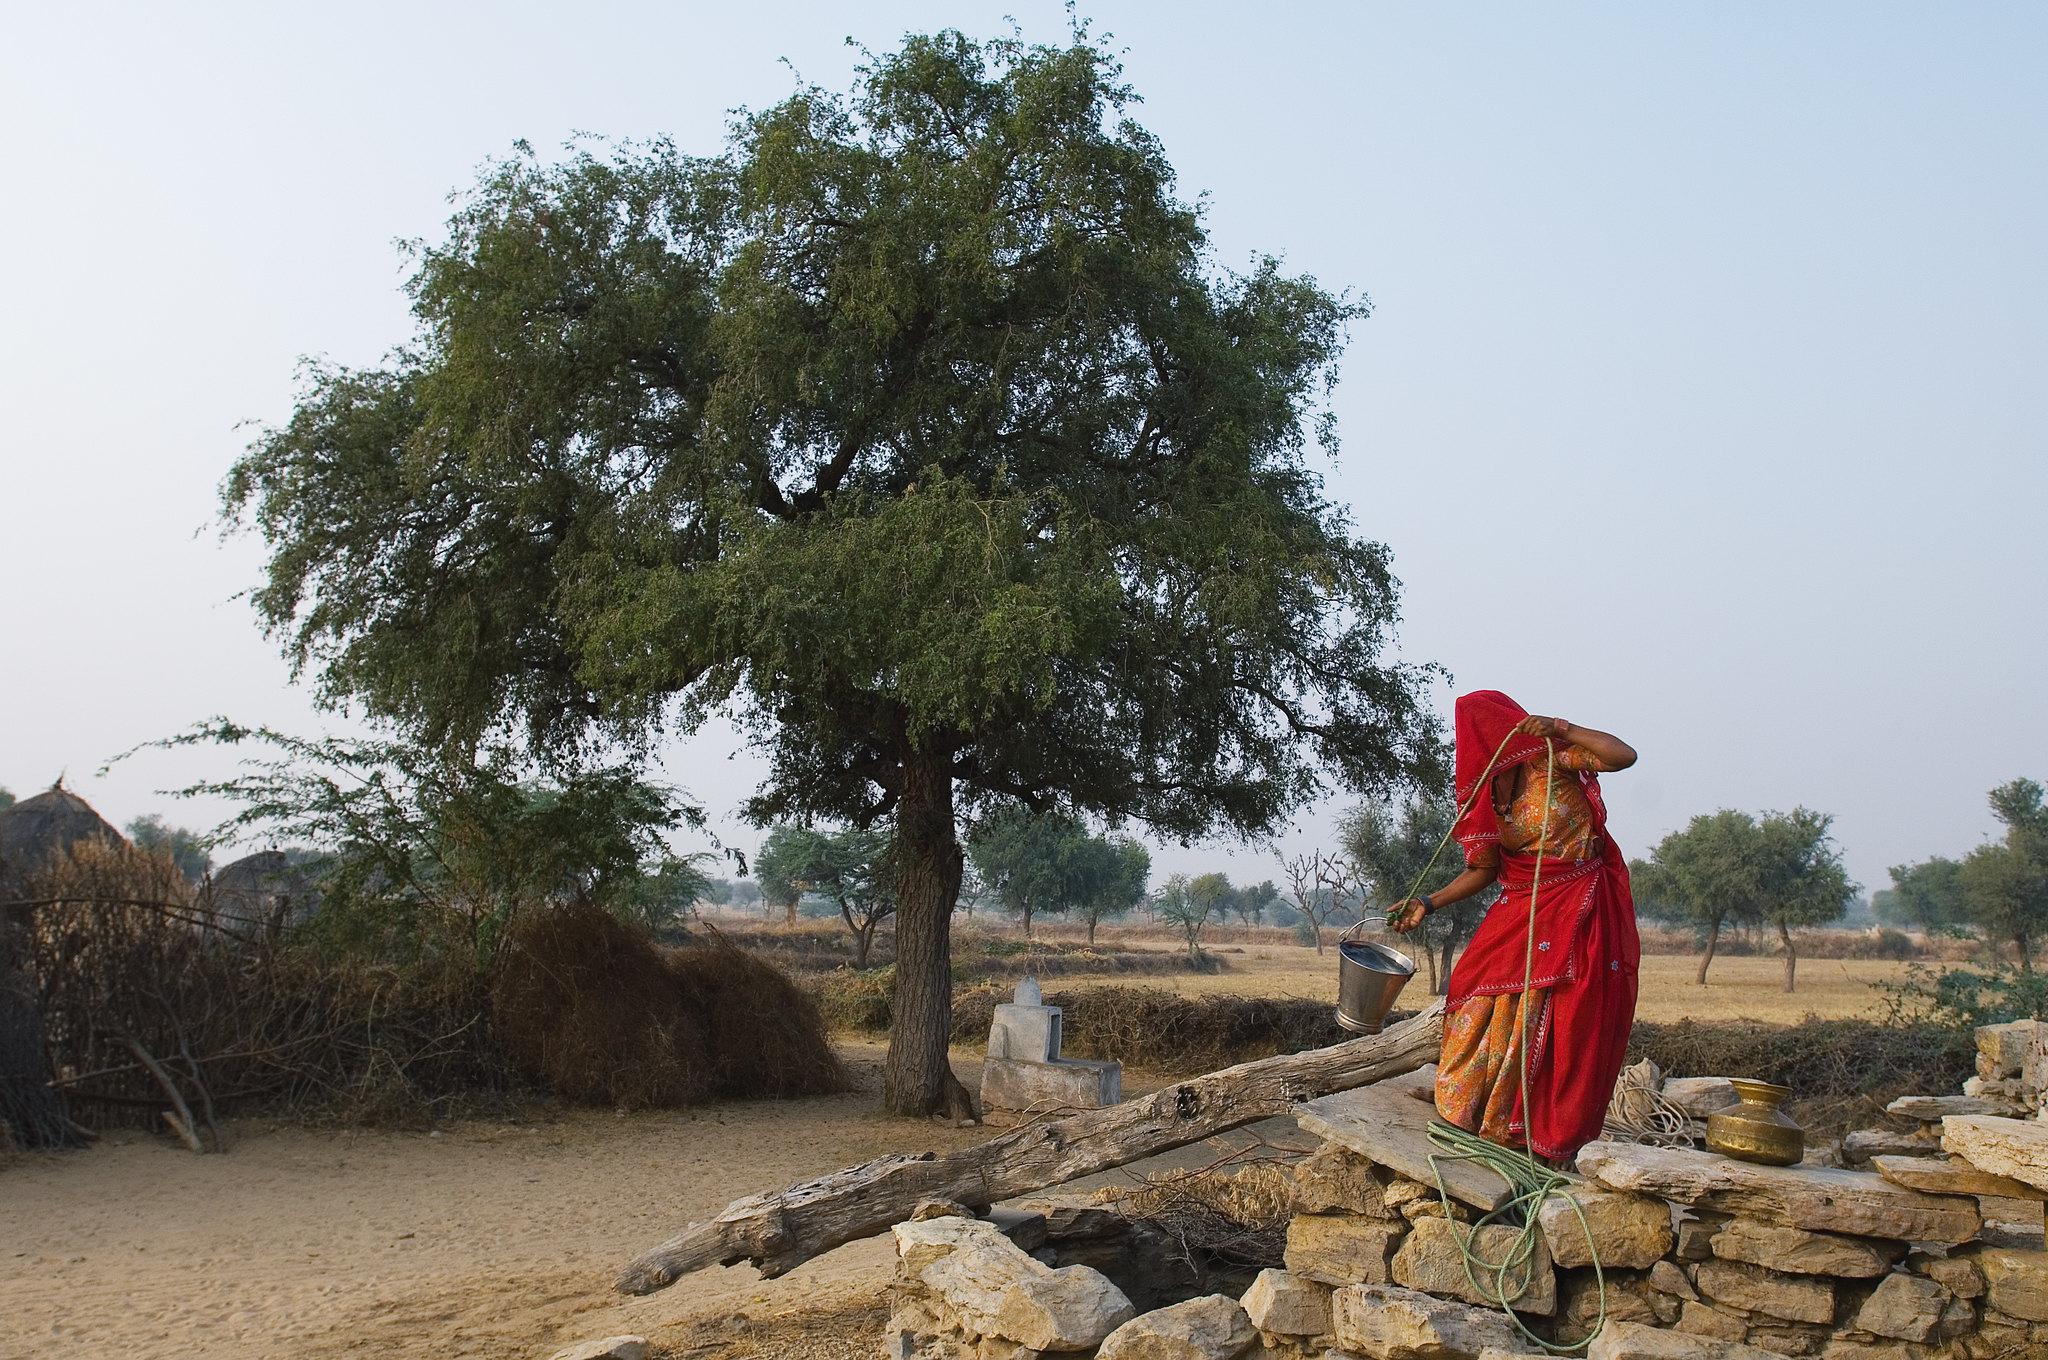 Una mujer saca agua de un pozo en Rajasthan. Foto: Knut-Erik Helle / Flickr